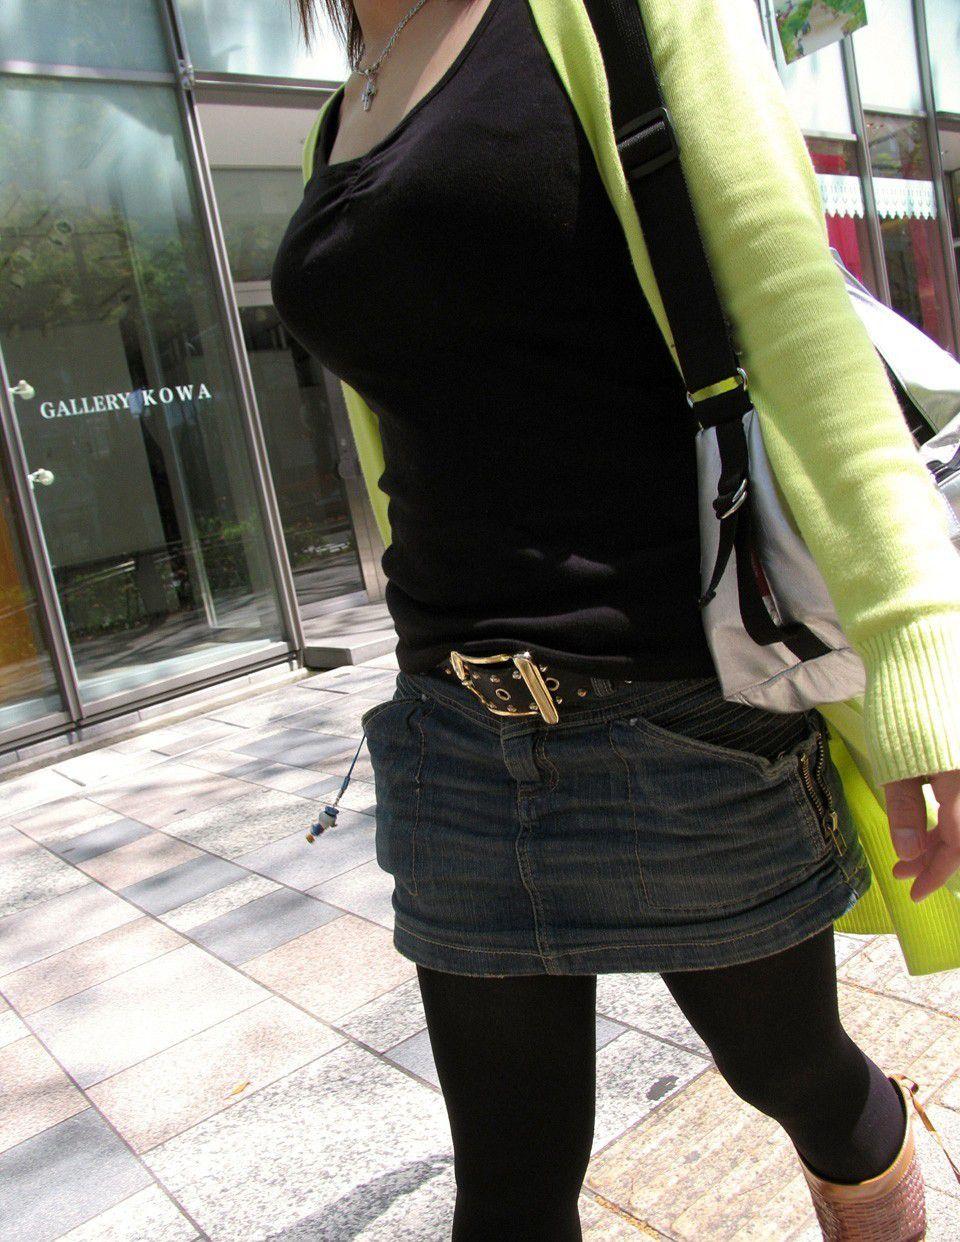 【巨乳エロ画像】東西南北どこにも乳袋w街行けば絶対拝める着衣おっぱいwww 24